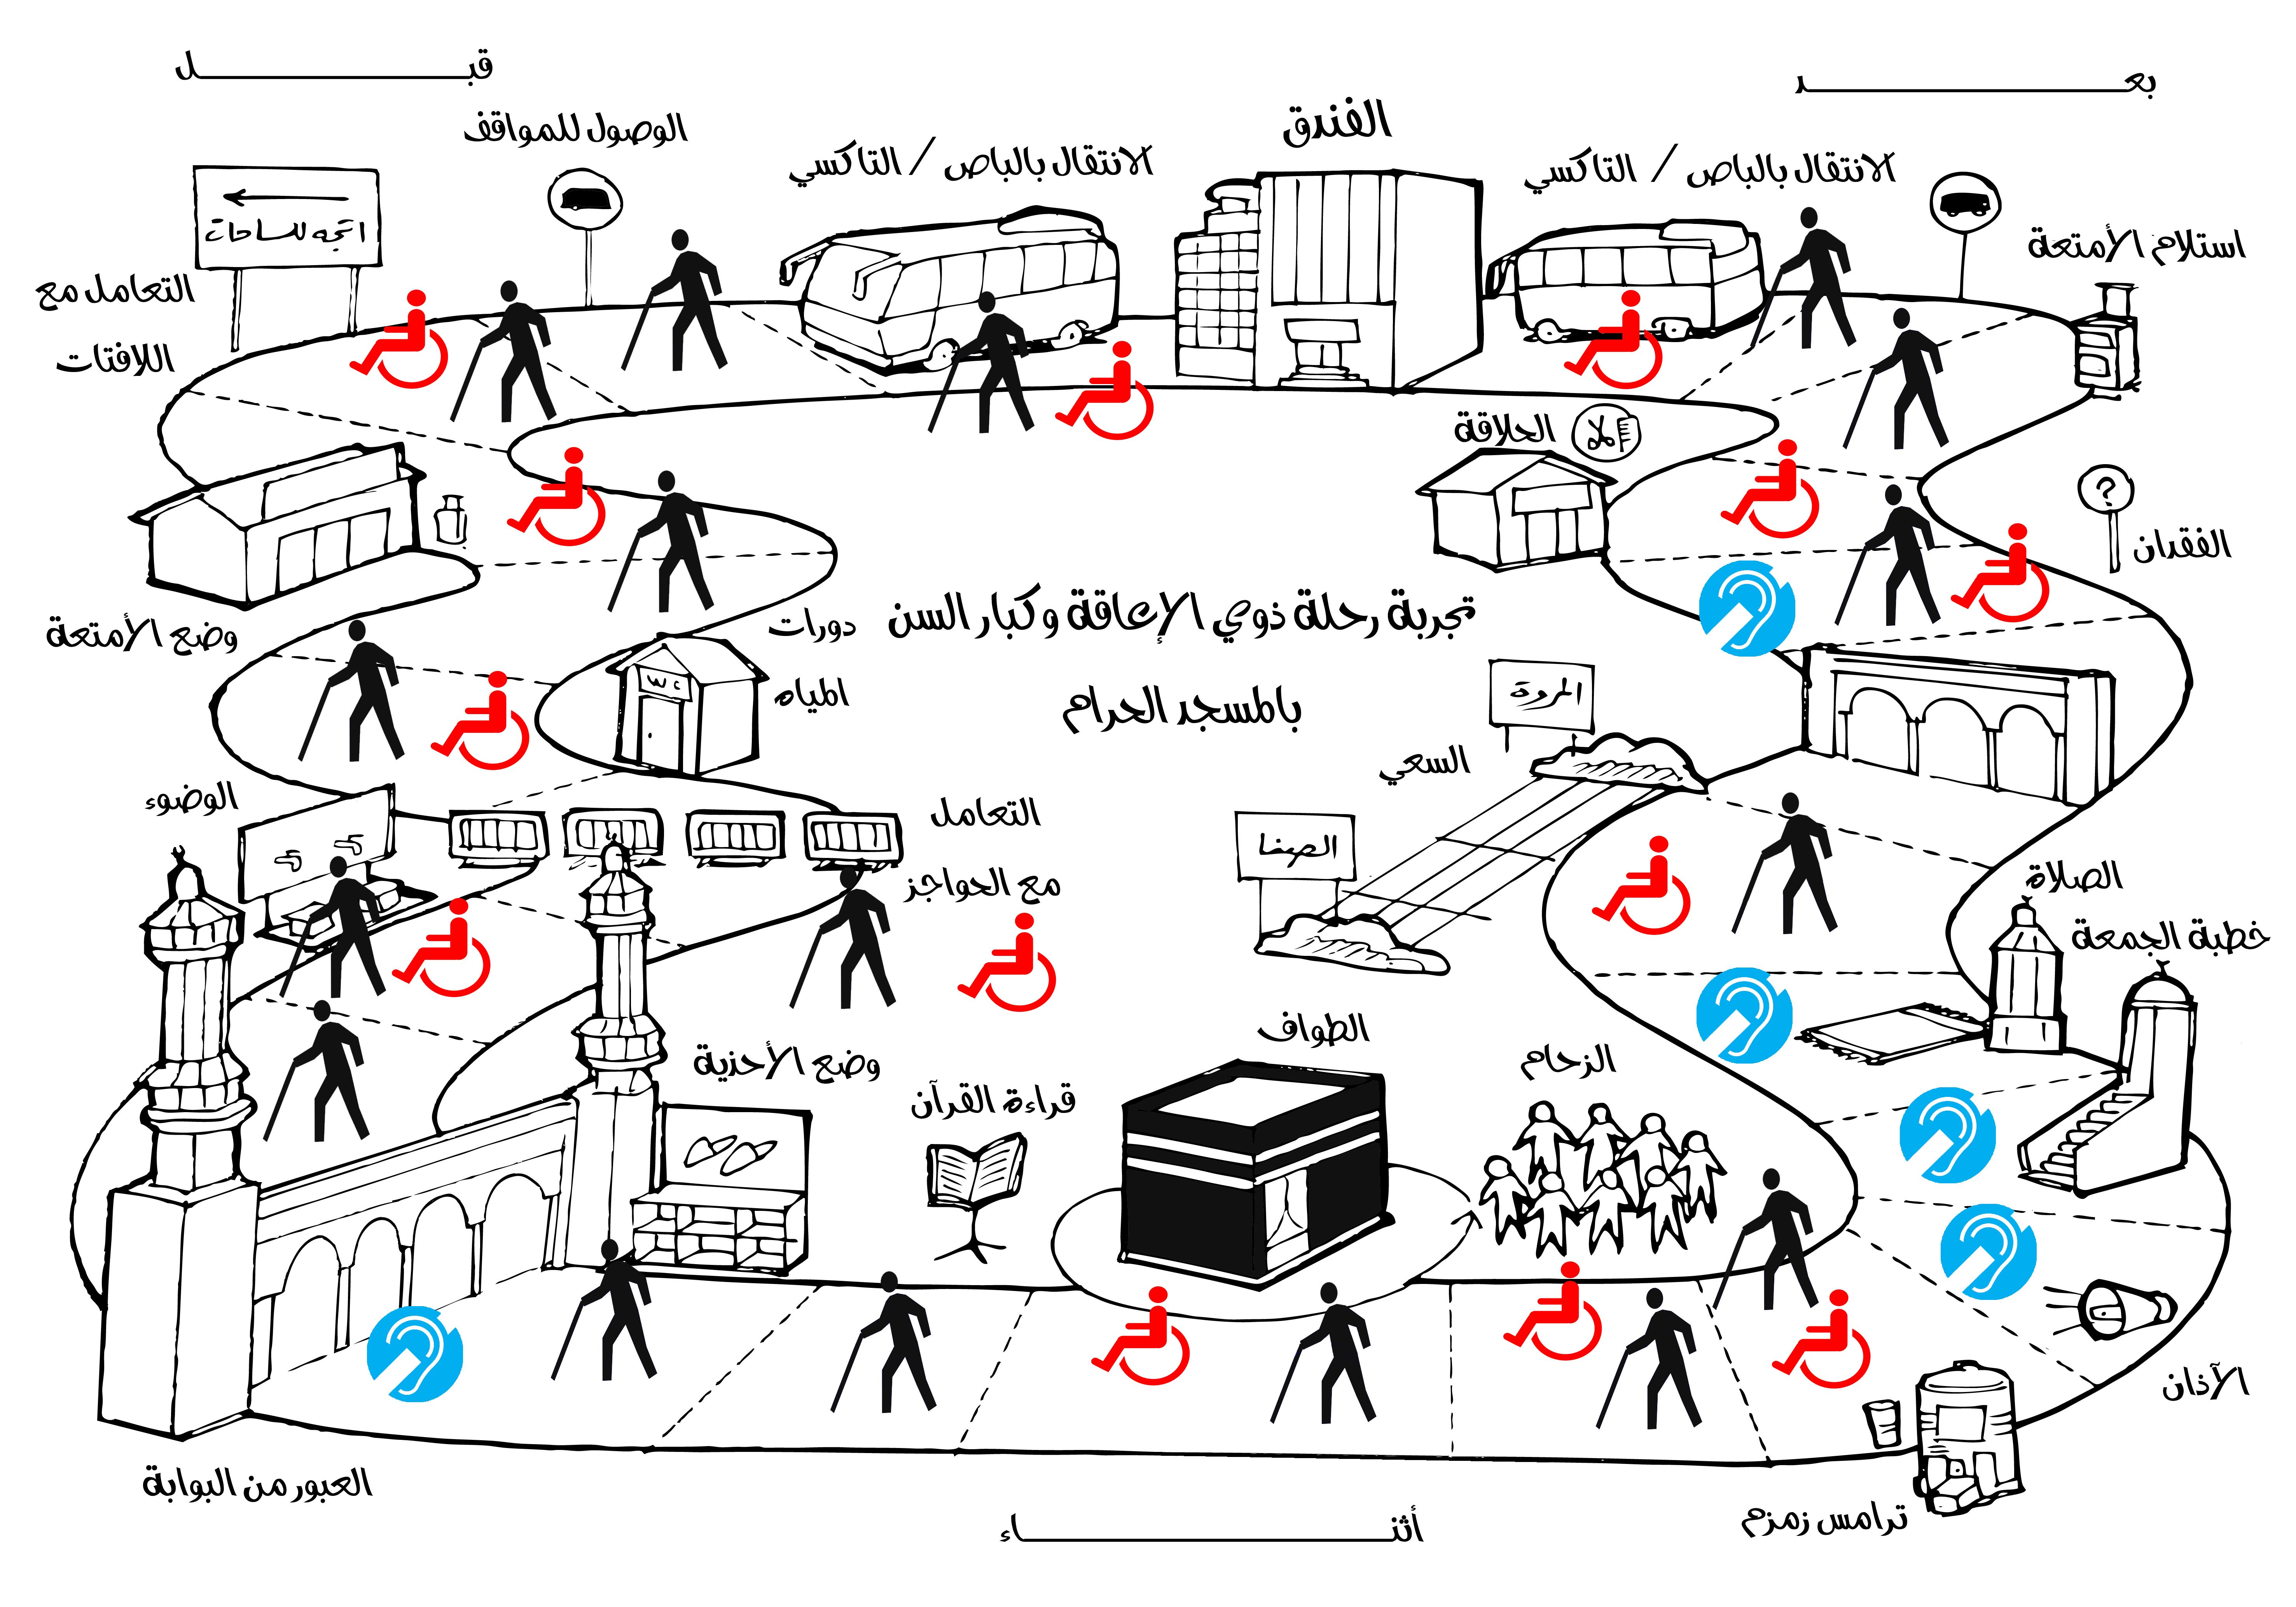 خريطة لمشروع تهيئة الحرم المكي لاستقبال وتقديم الخدمات لذوي الإعاقة السمعية والبصرية والحركية وتم عرضه بمؤتمر رؤية المملكة 2030 وال Visual Design Visual Design